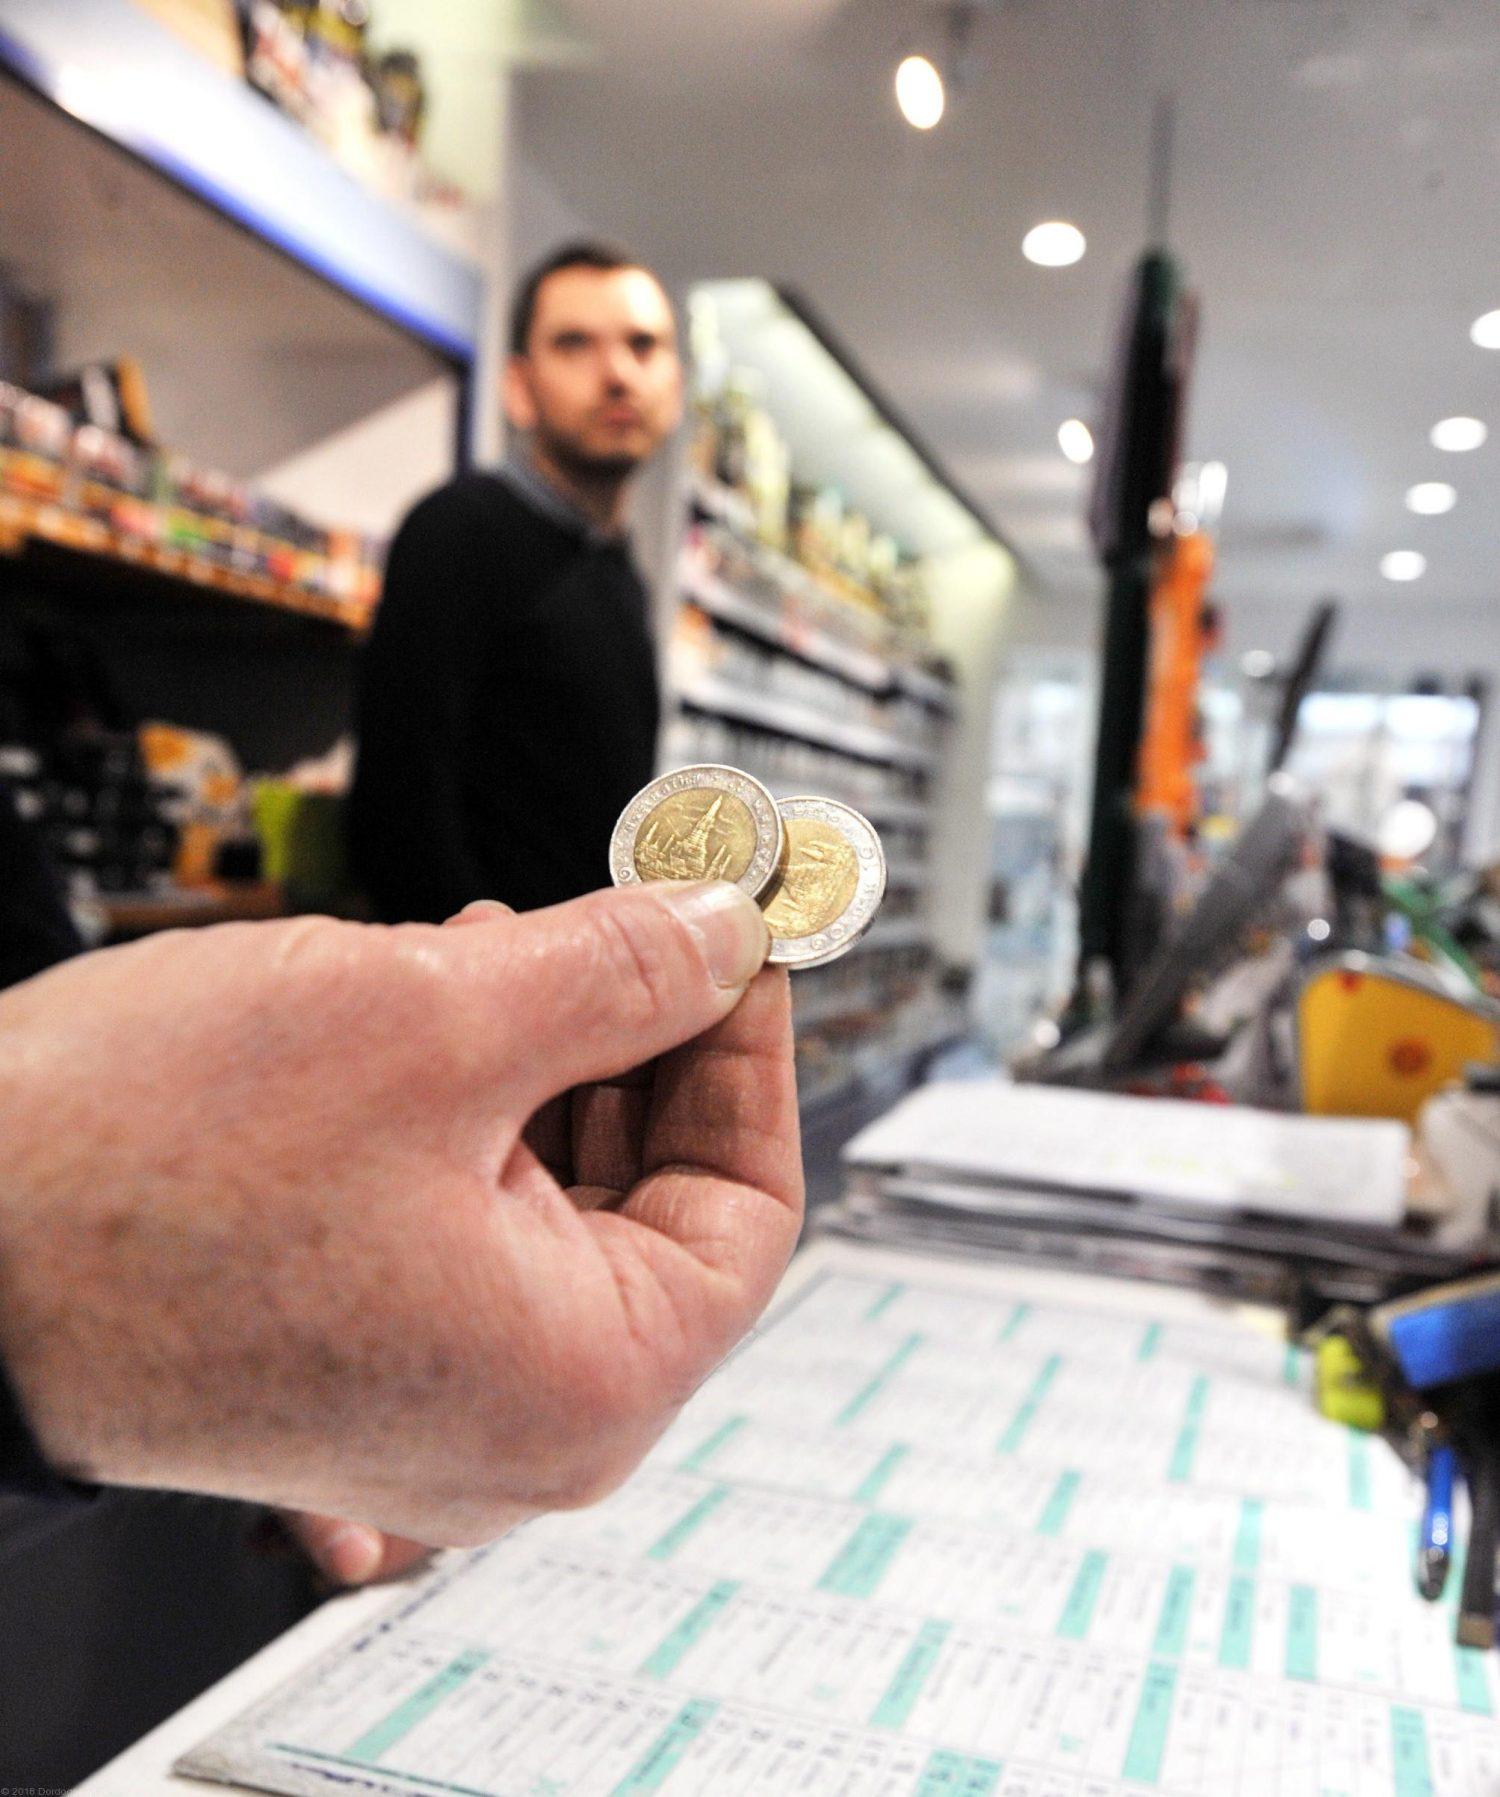 Fausse Monnaie : Attention Aux Fausses Pièces De 1 Et 2 intérieur Fausses Pieces Euros